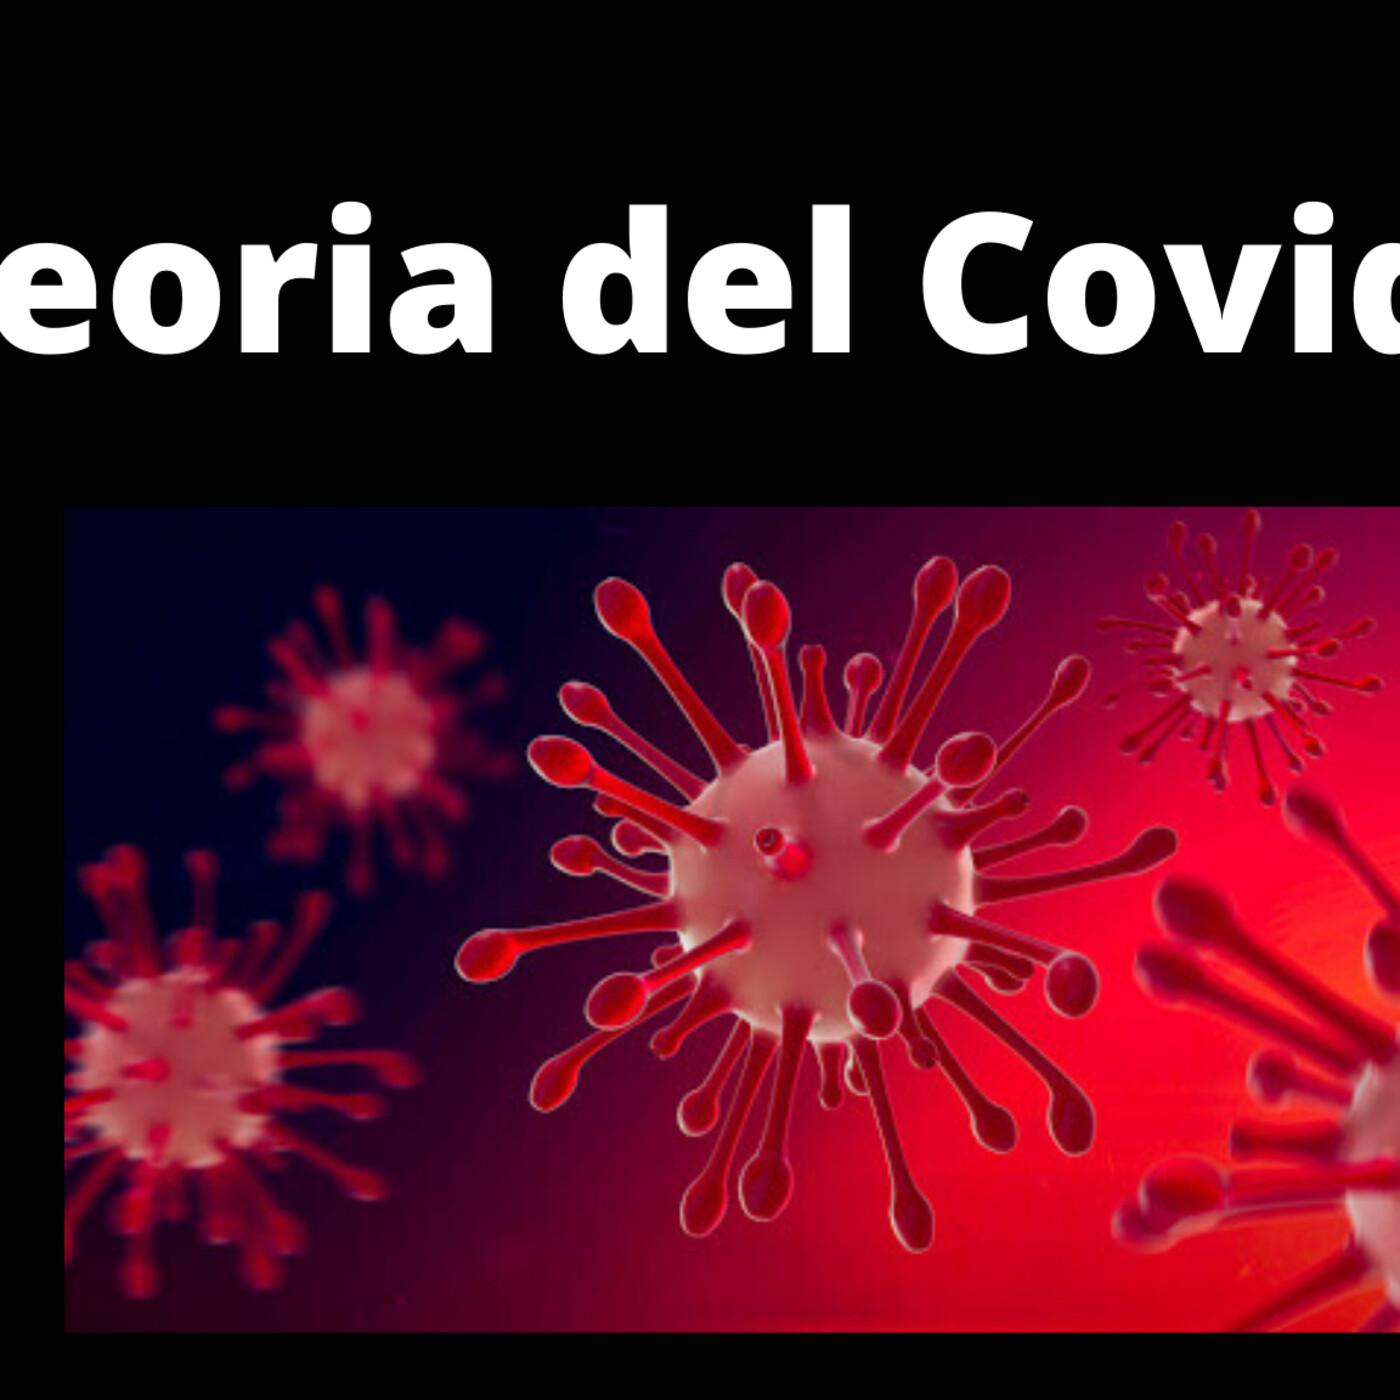 Teoria de Garcia : EL COVID EXISTE? Episodio # 2